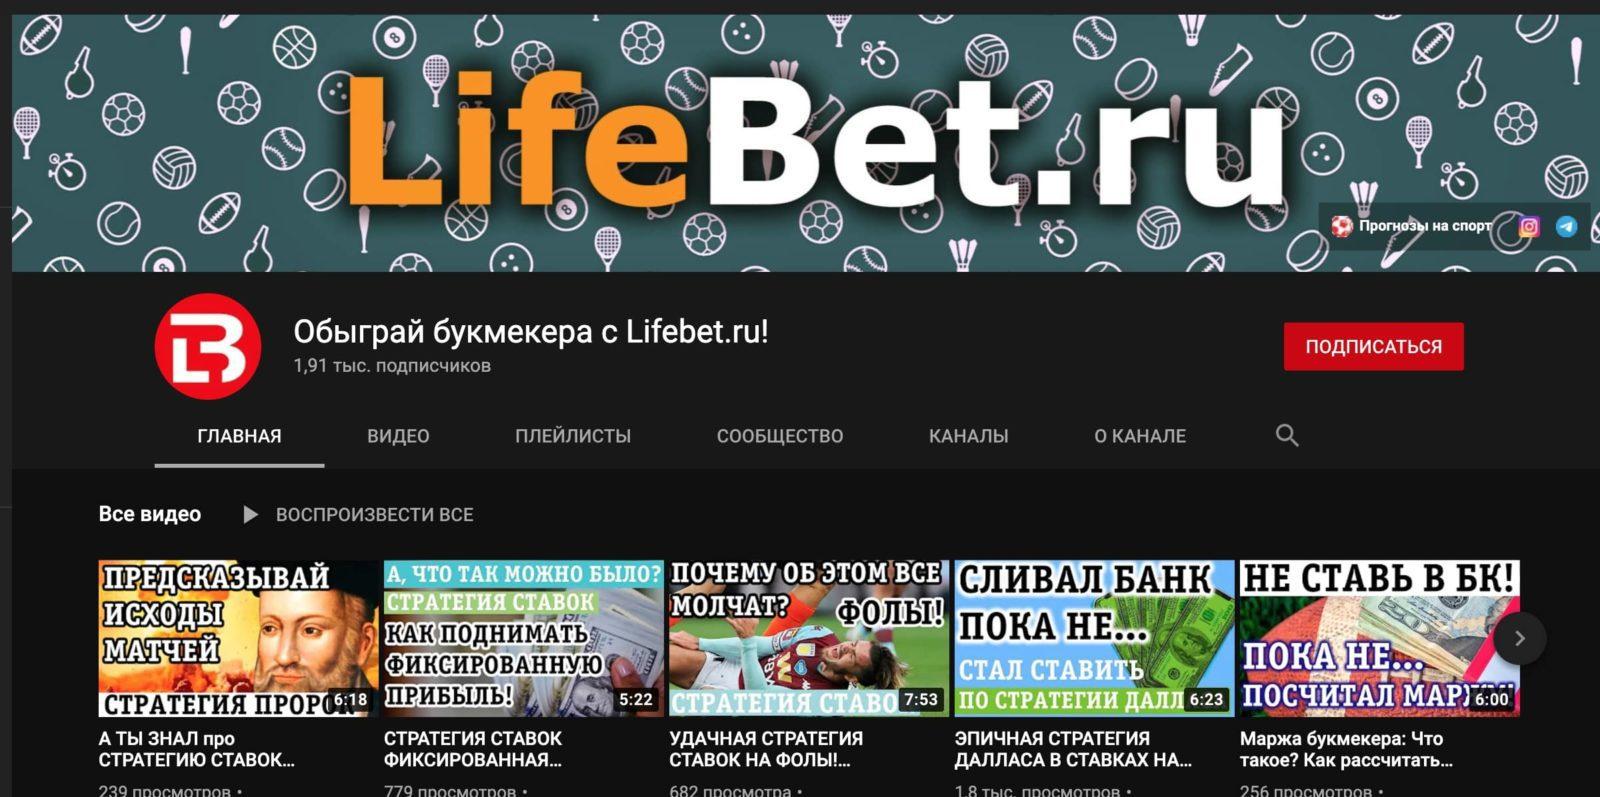 Ютуб канал каппера Lifebet.ru (Лайфбет)